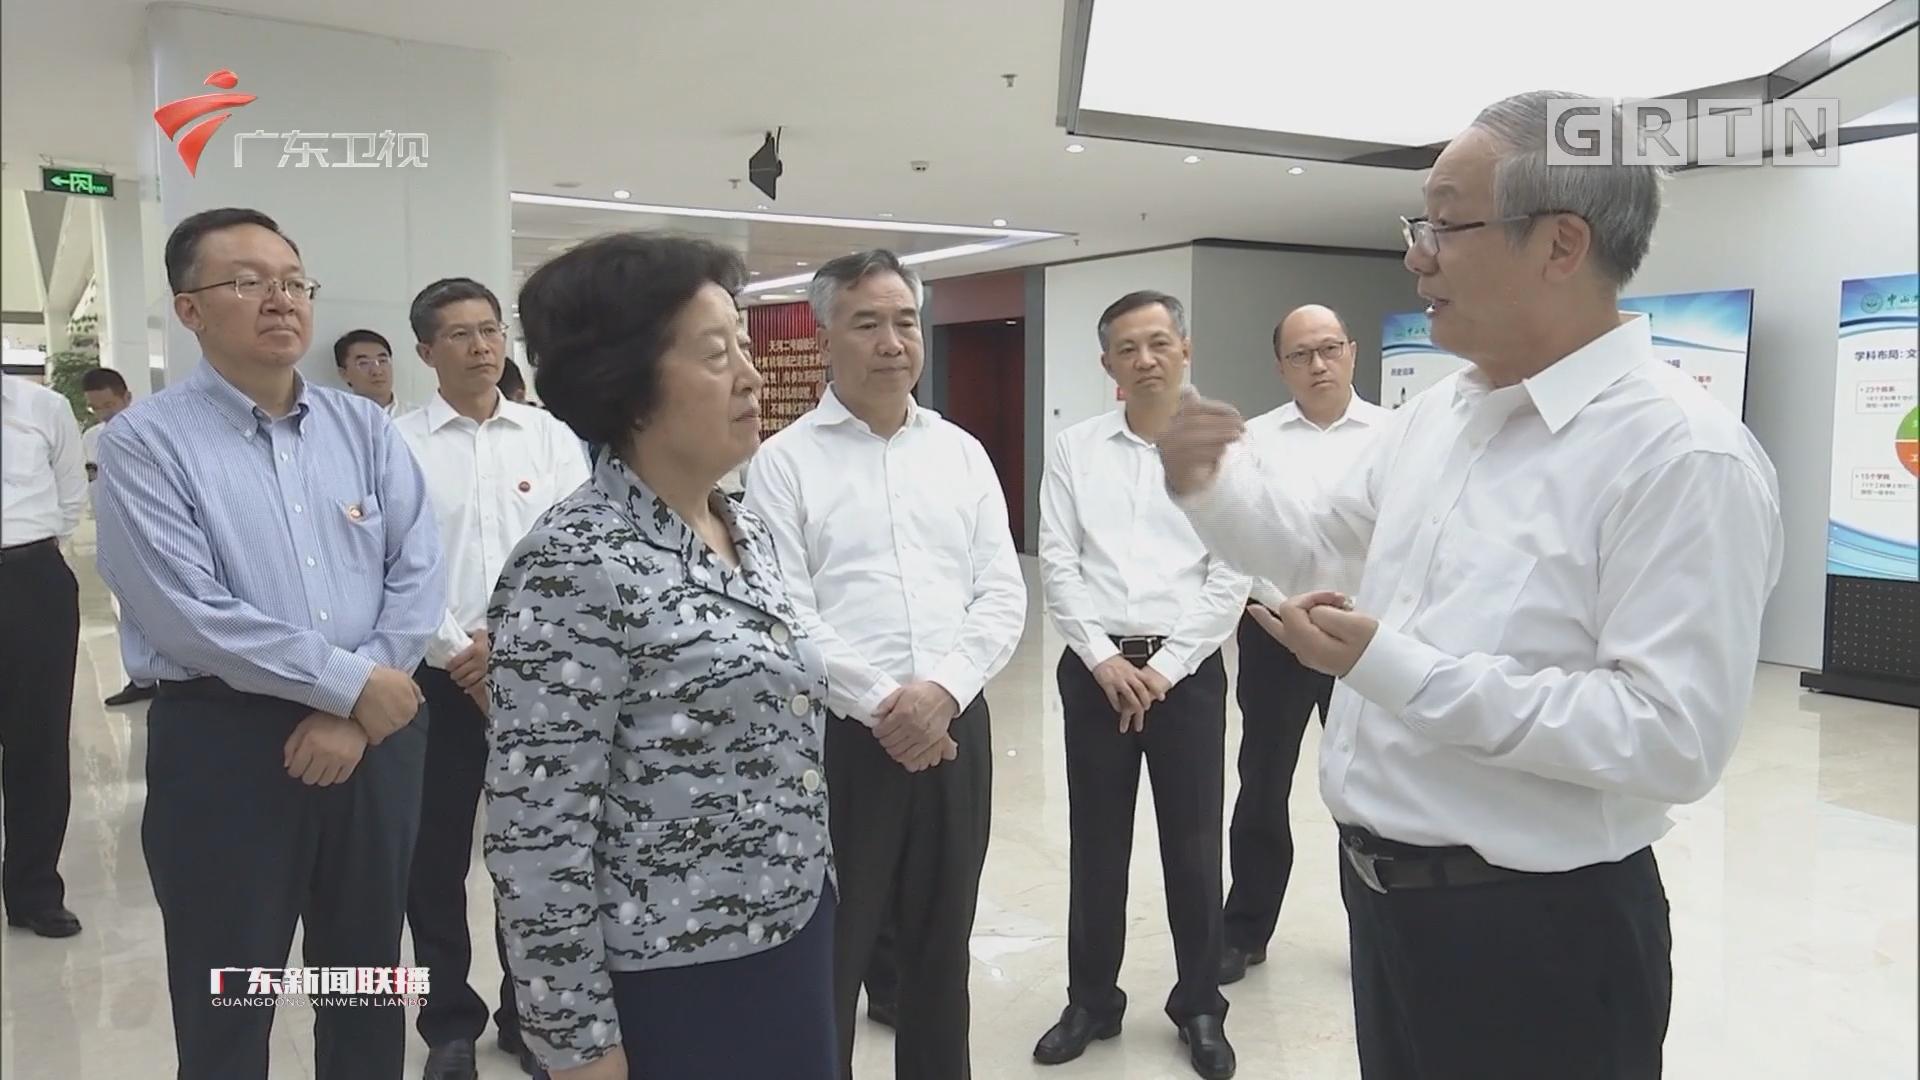 孫春蘭在廣東調研時強調 推動教育醫療等社會事業 更好服務粵港澳大灣區建設